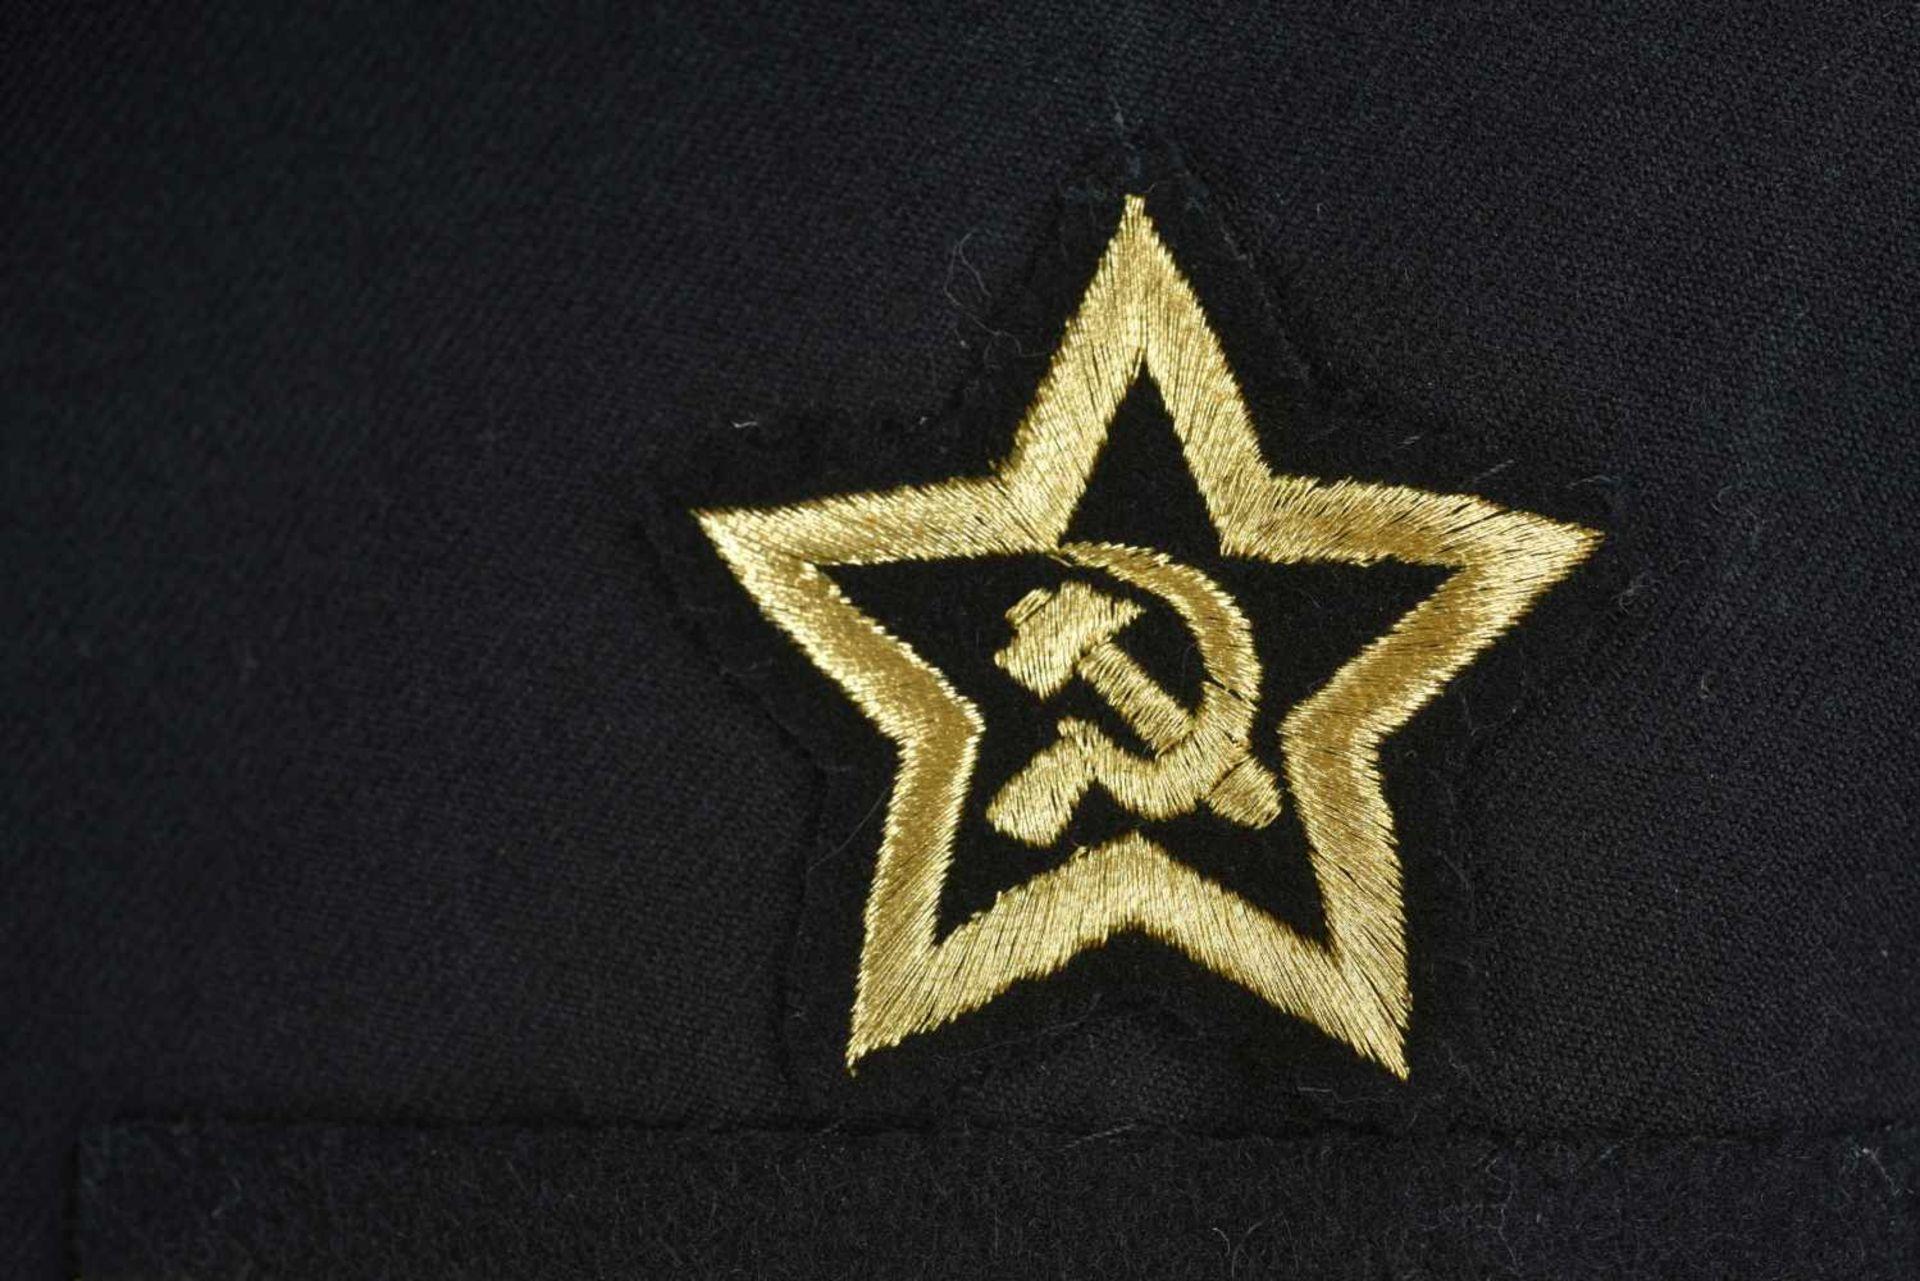 Uniforme de Contre amirale soviétique, année 1975 Vareuse en tissu noir, grades de col brodés en fil - Bild 4 aus 4